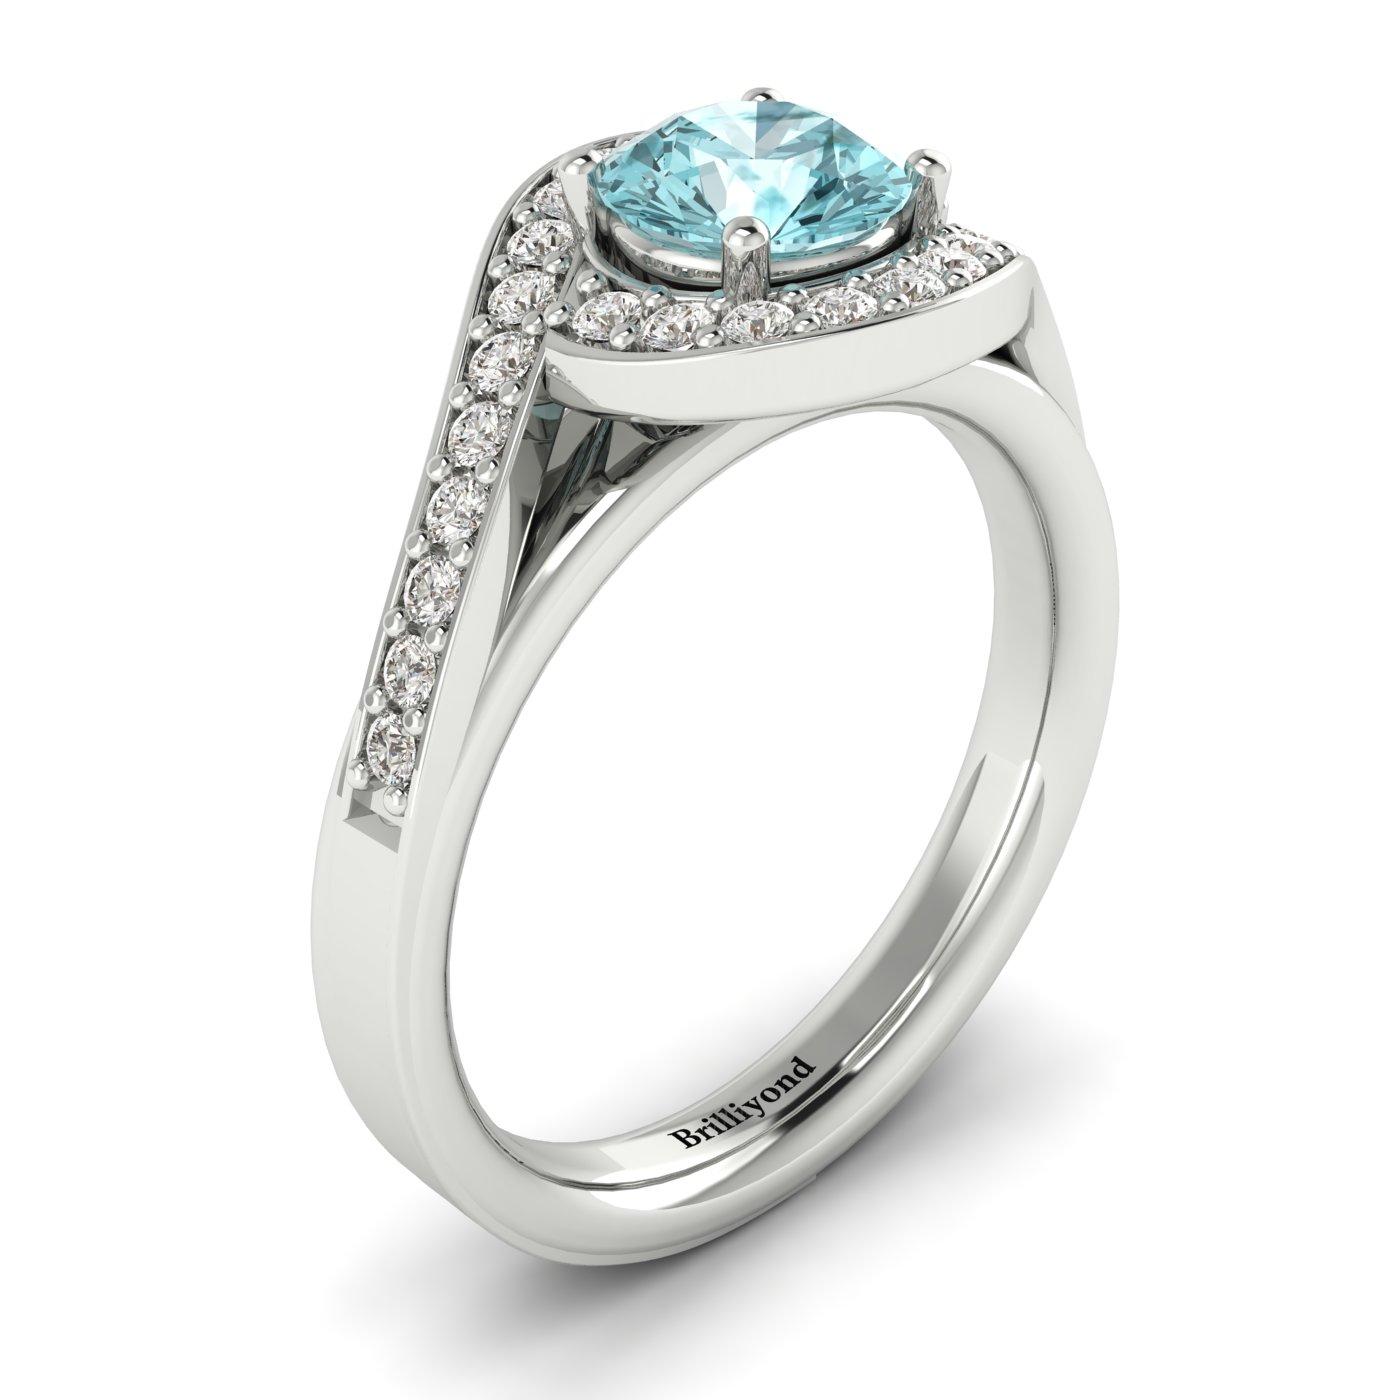 Aquamarine White Gold Halo Engagement Ring Marigold_image2